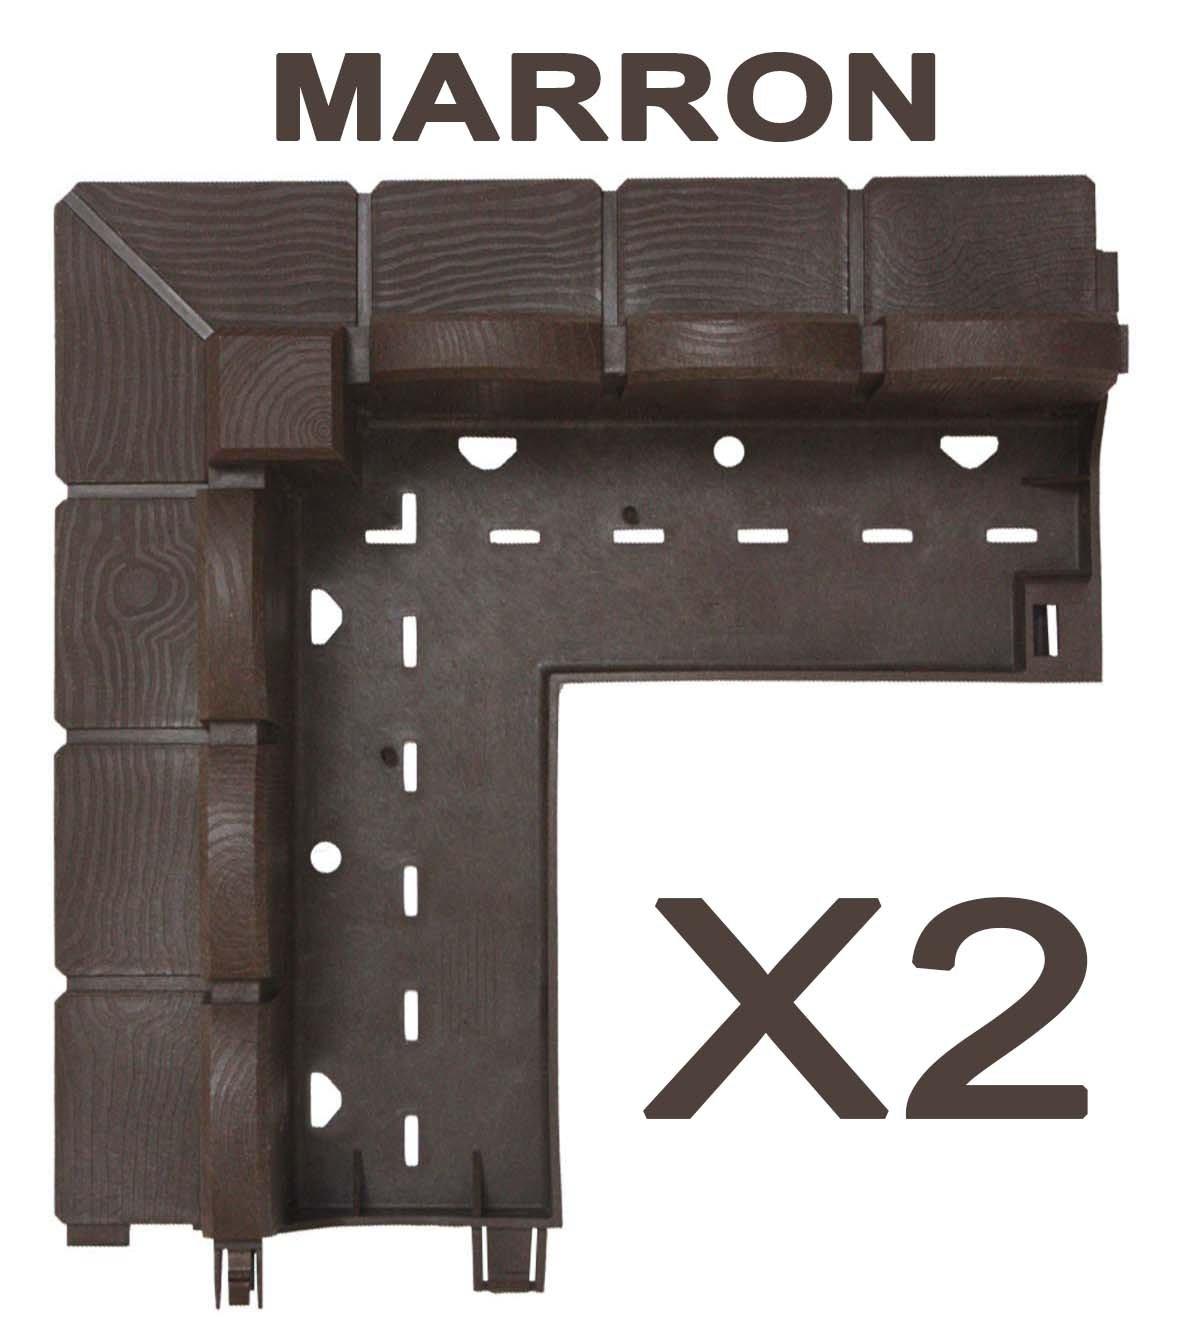 greenparck C0400M Lot de 2 bordures Vendu /également par lot de 4 et 8 En r/ésine composite MARRON